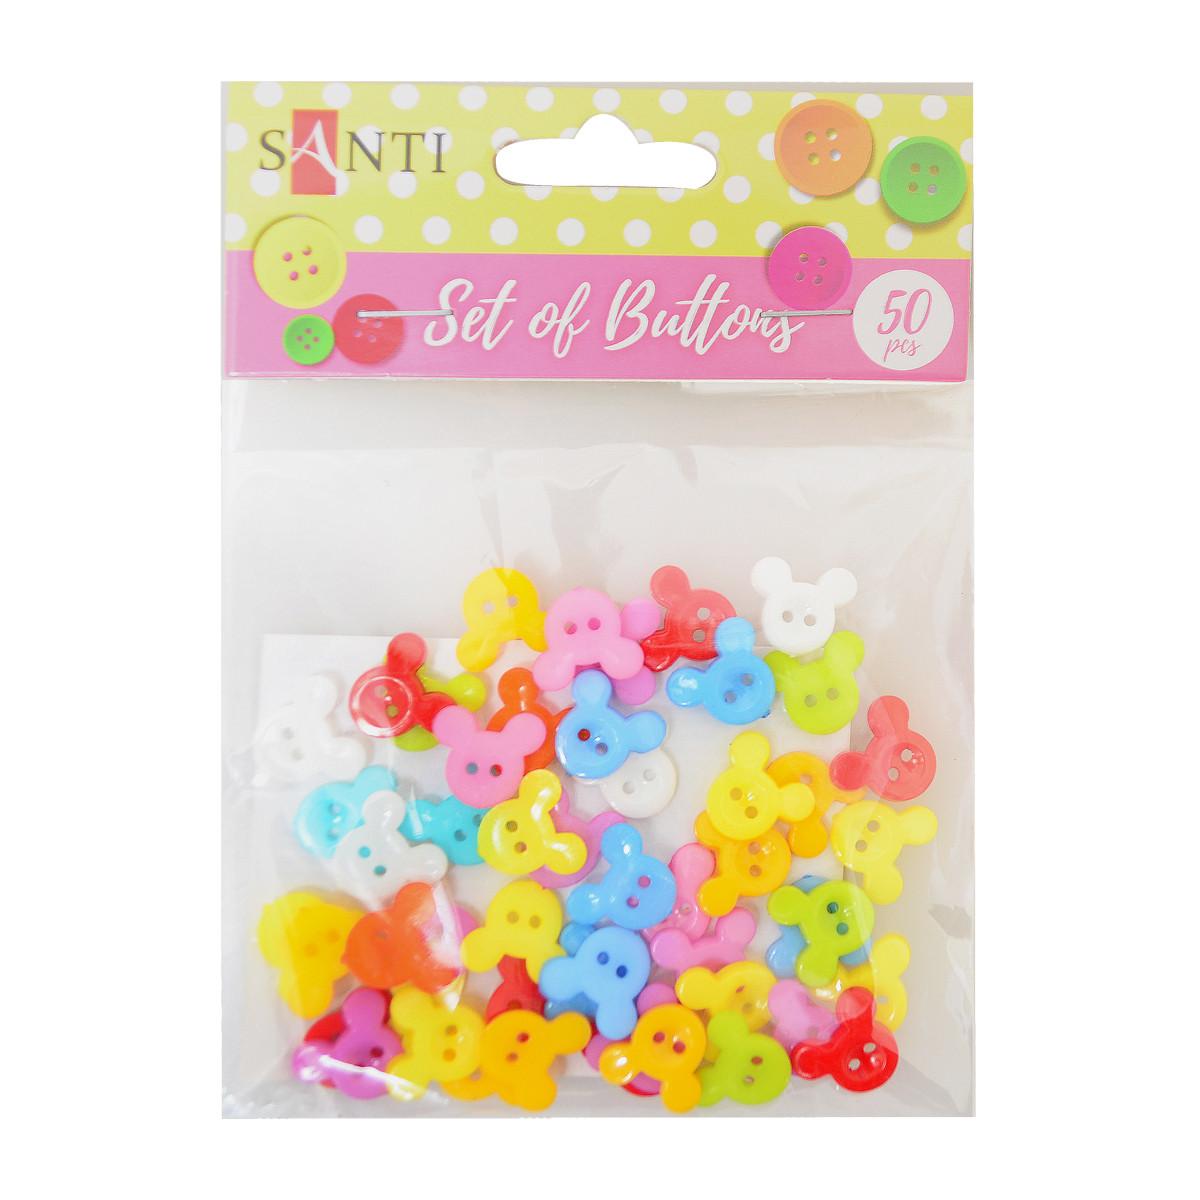 Набір гудзиків Santi Little mouse пластик 15 мм 10 кольорів 50шт./уп. код: 742489